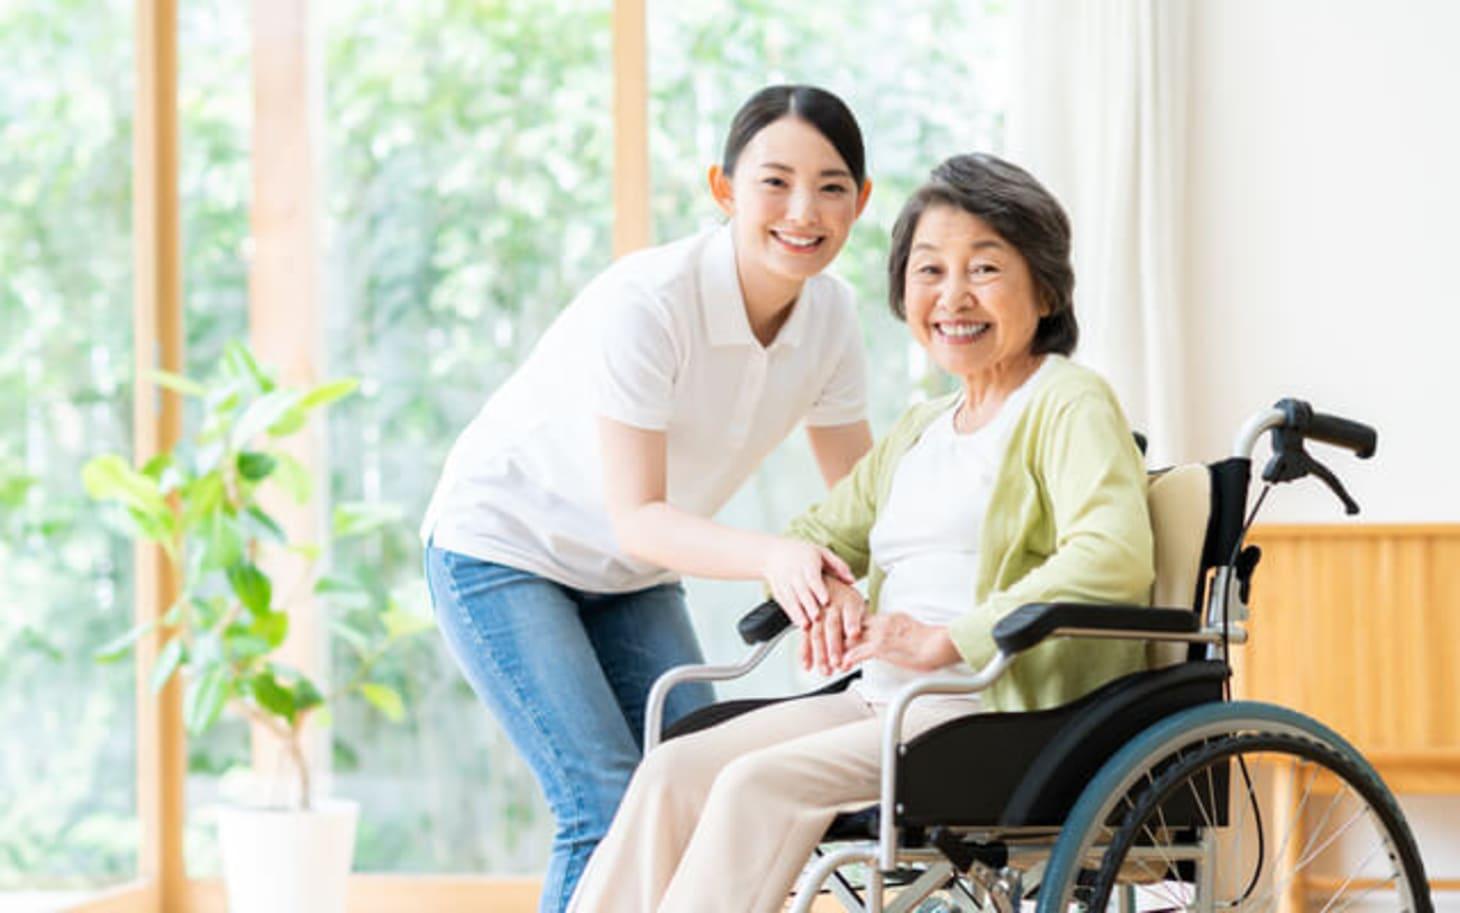 介護老人保健施設の介護職員の仕事内容とは?